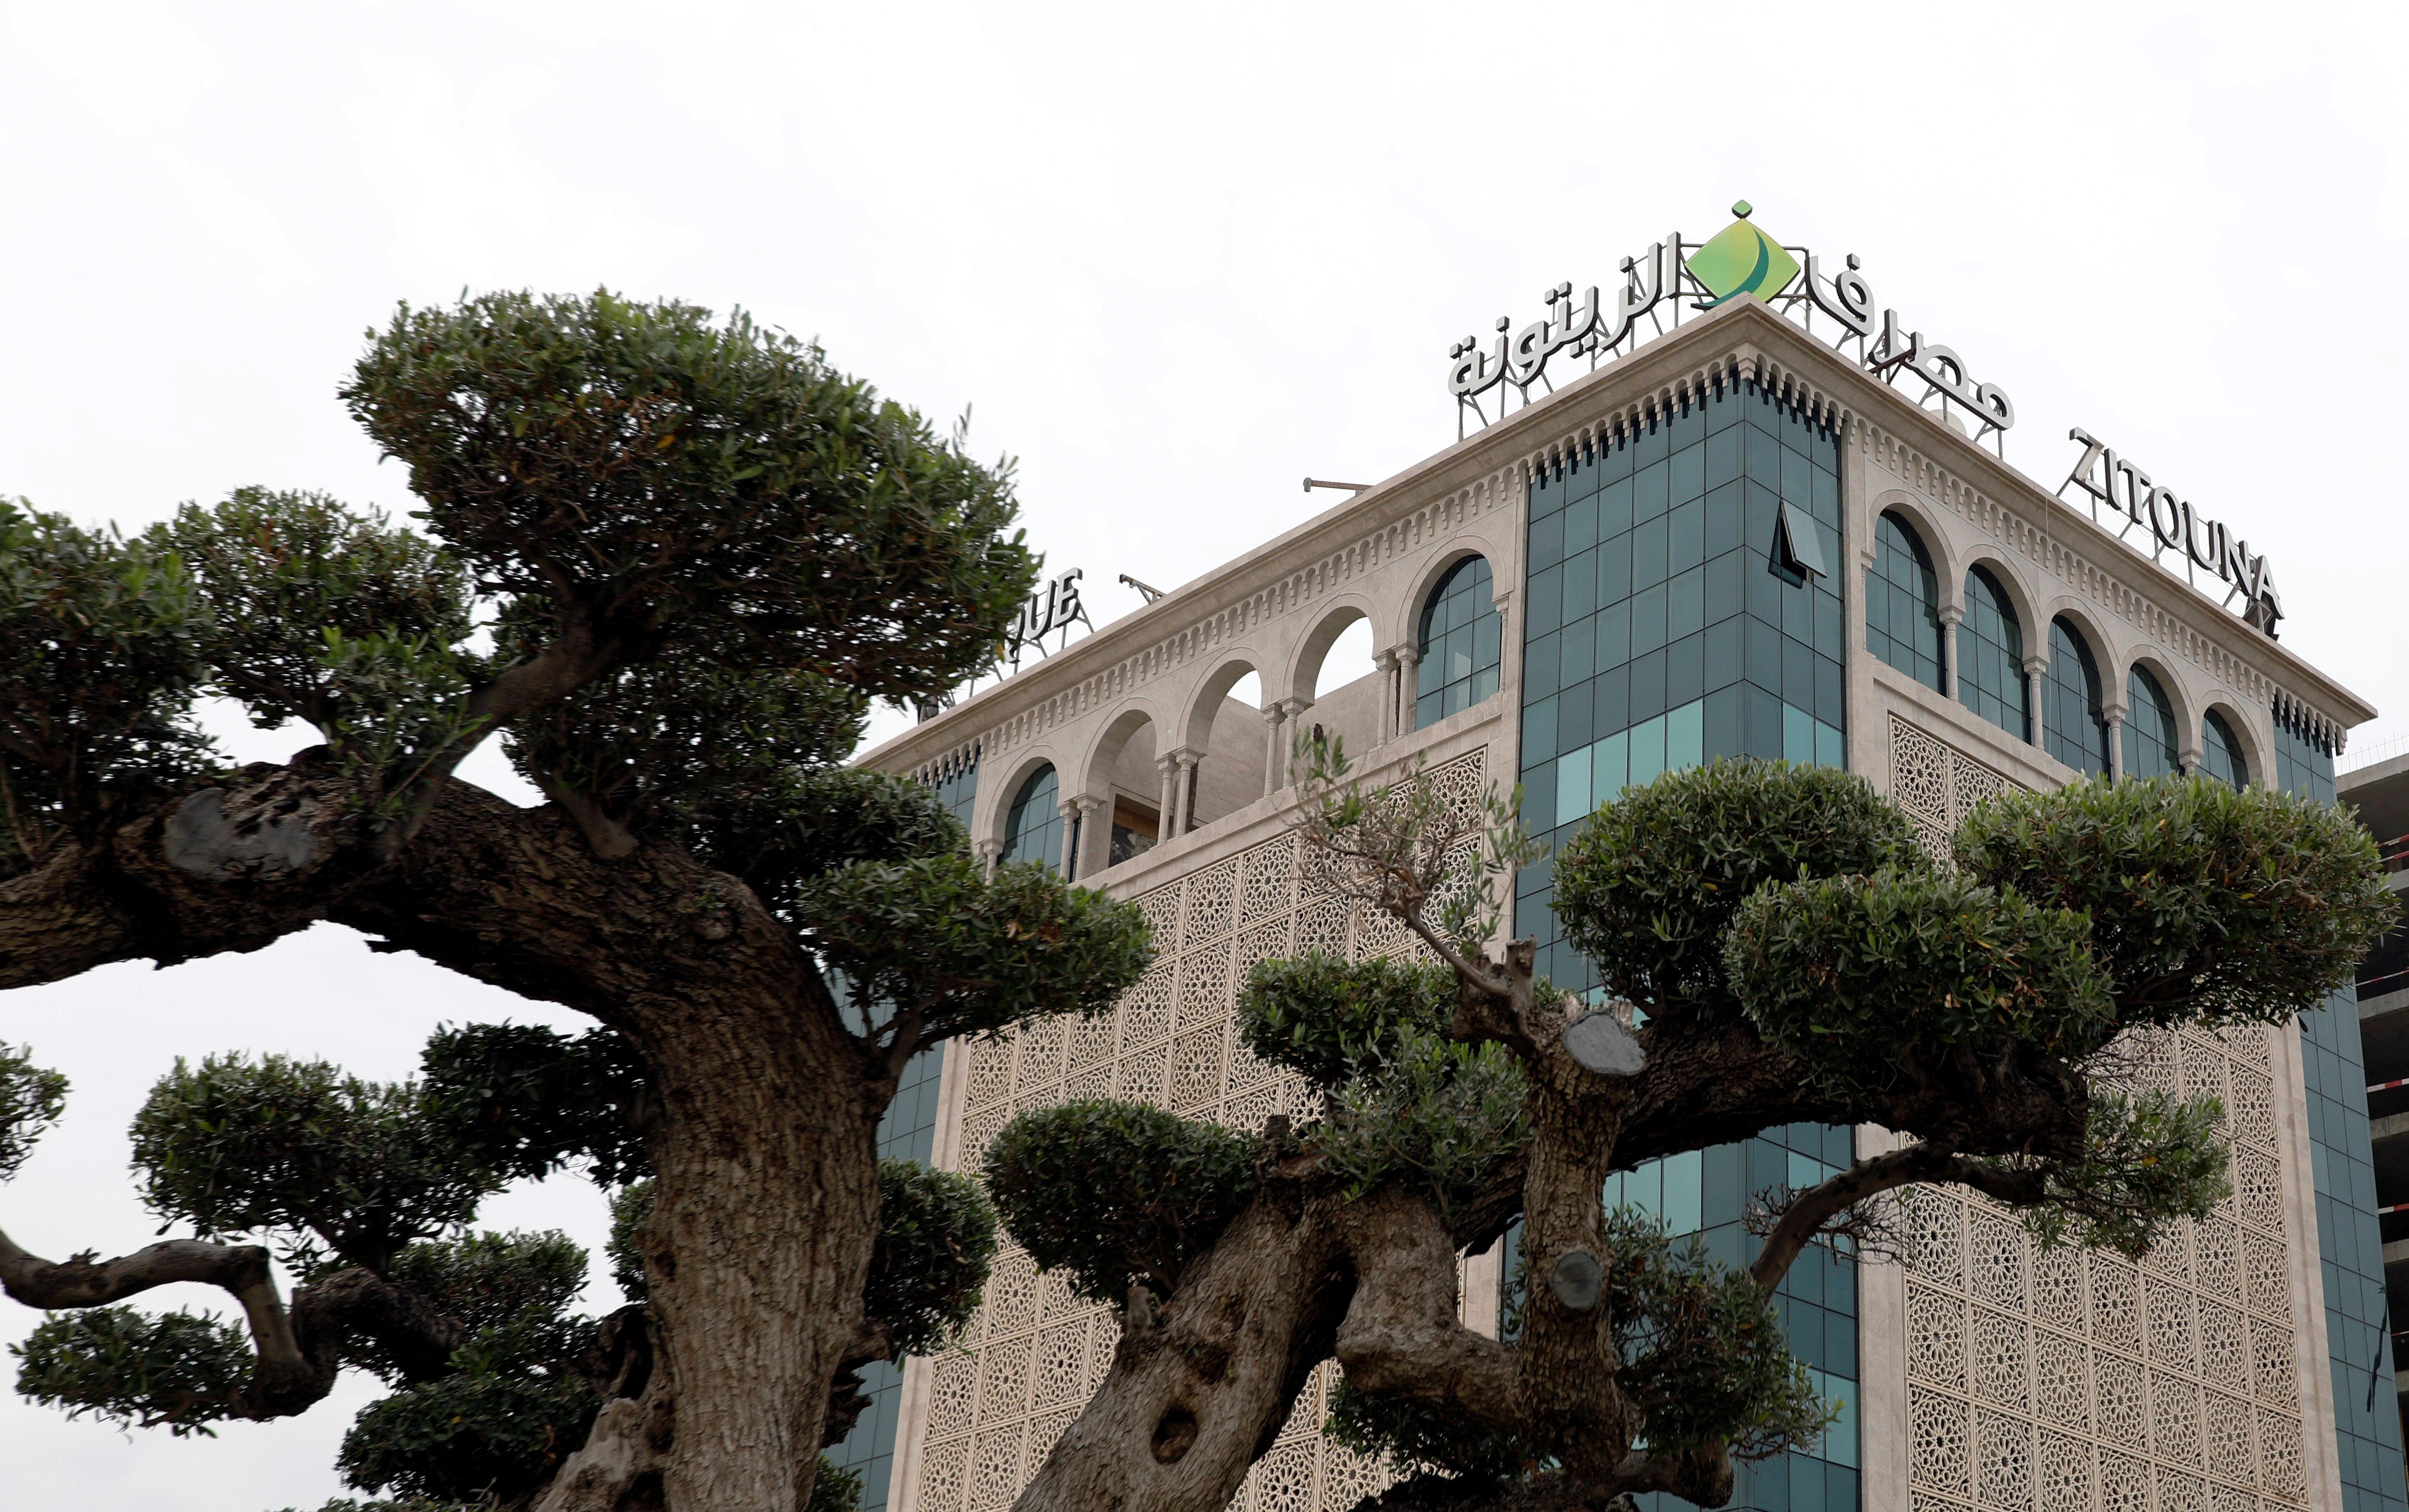 Tunisie: Cession de la Banque Zitouna, l'arbre qui cacherait la